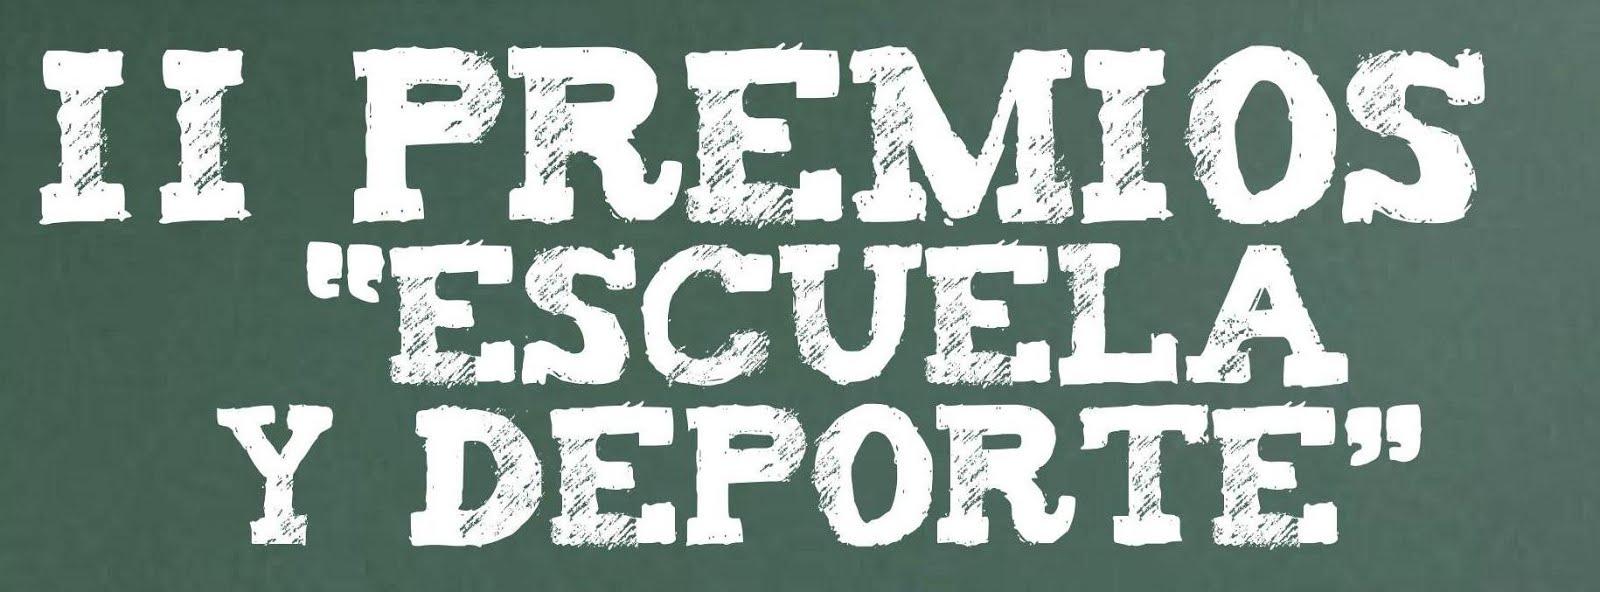 CENTRO PROMOTOR DE ACTIVIDAD FÍSICA: PREMIO AL PROYECTO 2015/2016